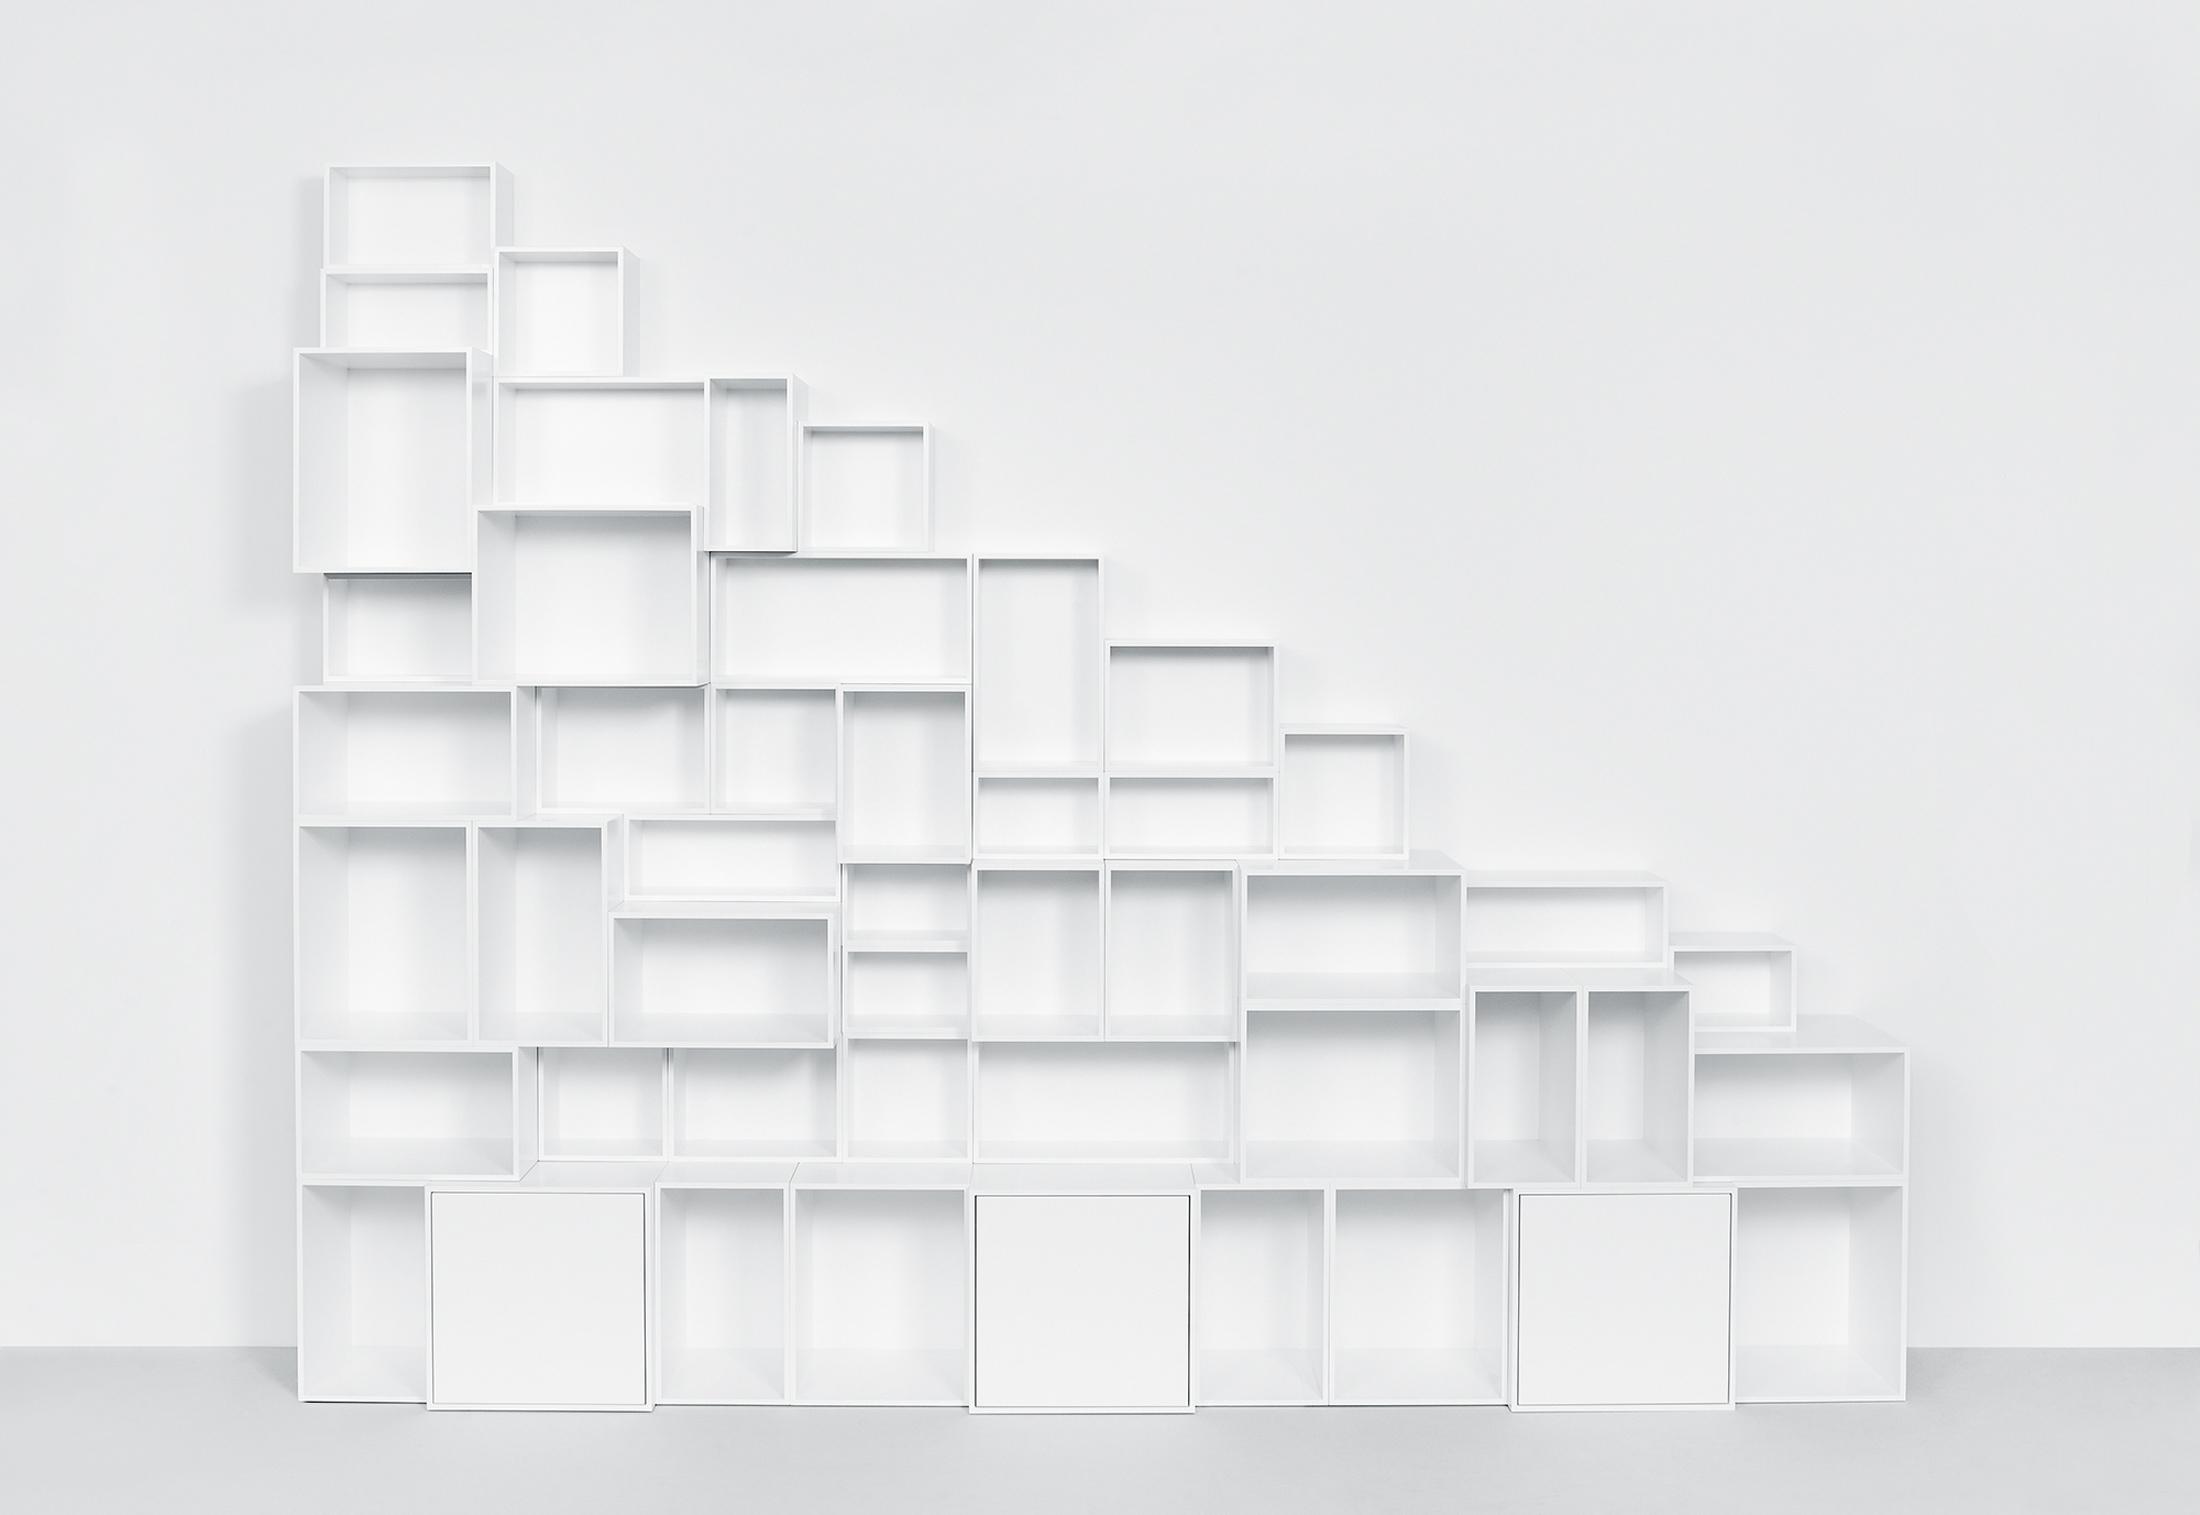 Full Size of Regale Für Dachschrägen Spiegelschränke Fürs Bad Regal Kleidung Boden Badezimmer Dachschräge Wasserhahn Küche Fliegengitter Fenster Stuhl Schlafzimmer Regal Regale Für Dachschrägen